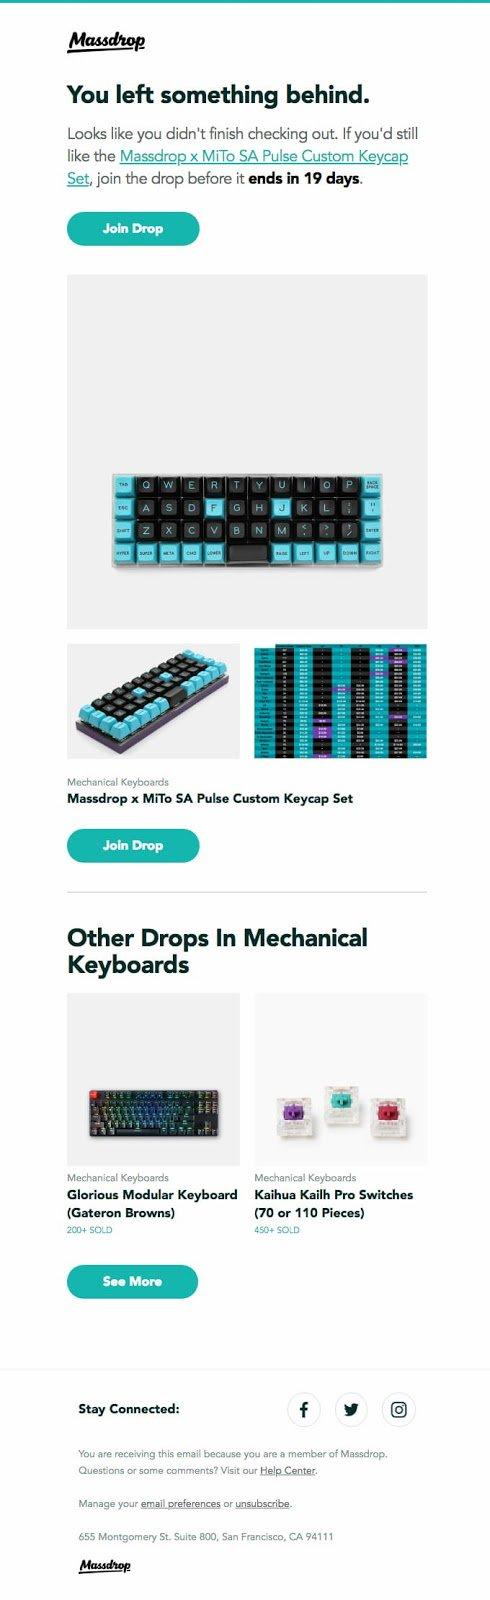 Drop utilizza la posta elettronica del carrello abbandonata per continuare a vendere altri prodotti.